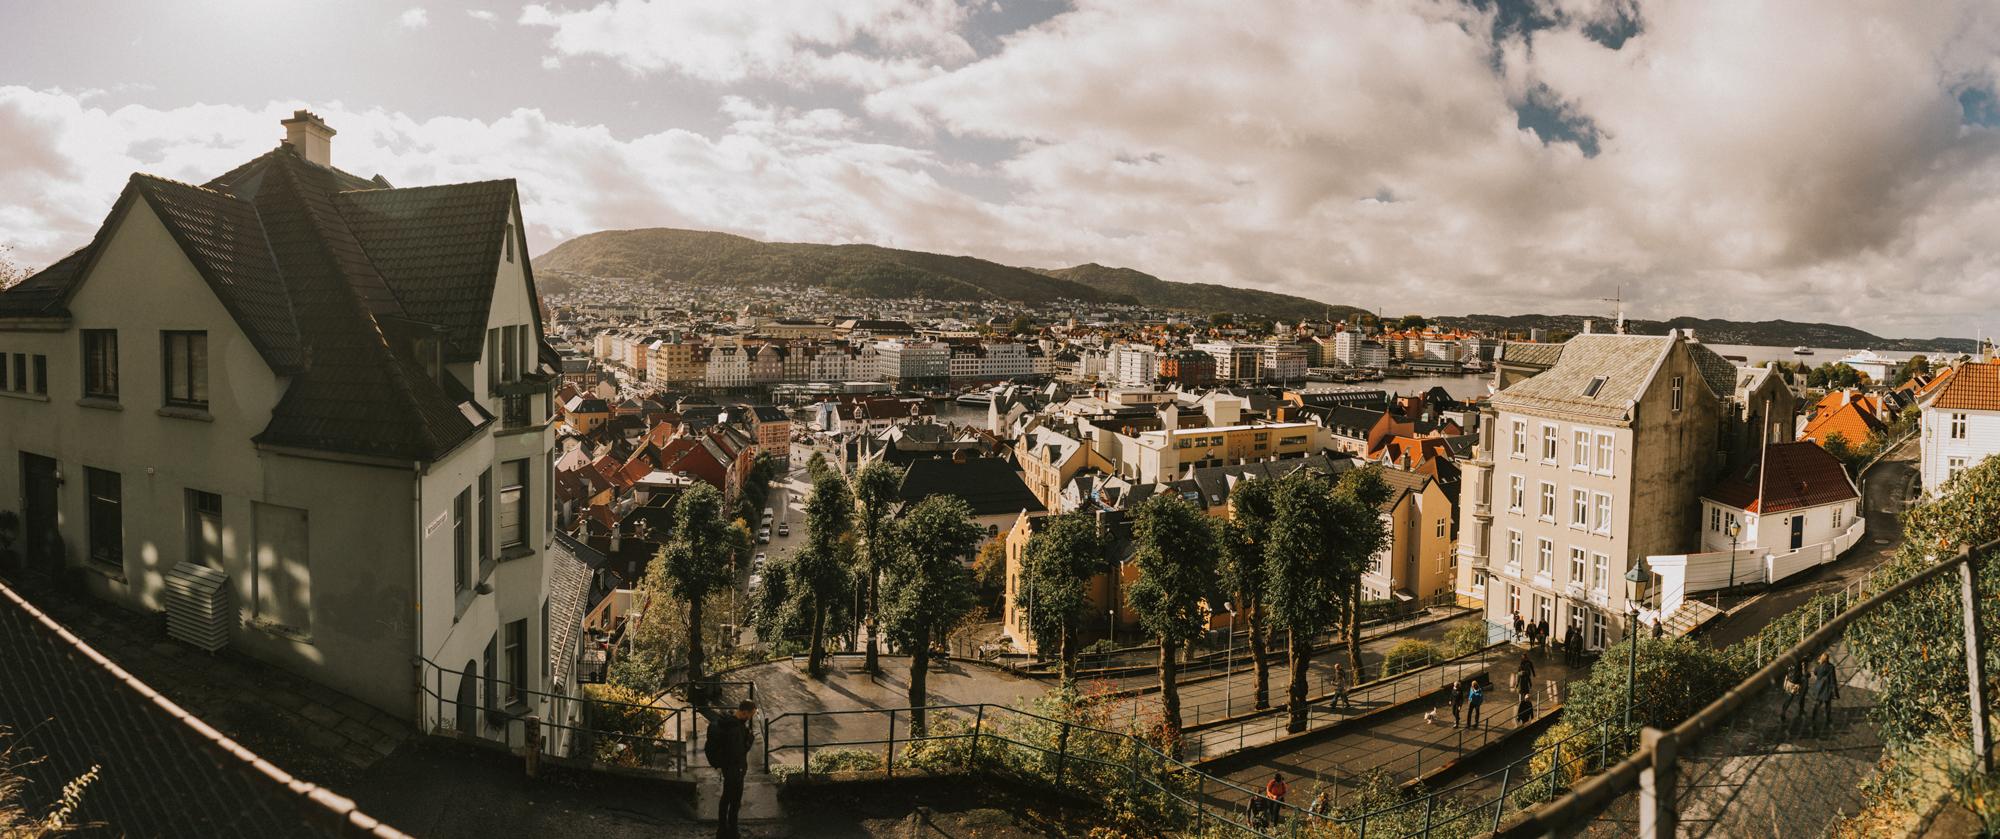 Vista panorámica de Bergen, Noruega.